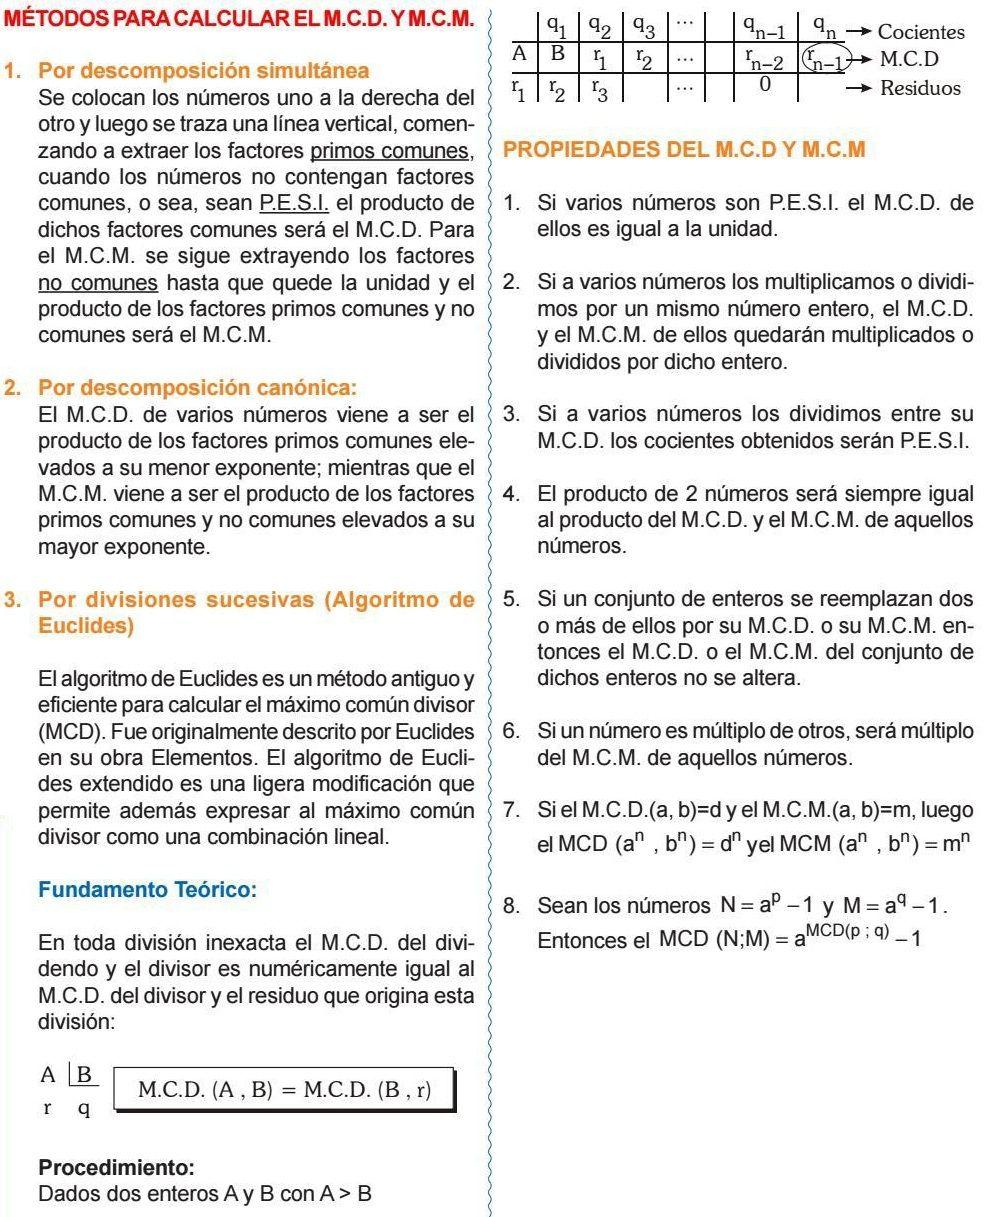 PROPIEDADES MCD Y MCM Aritmetica, Matematicas, Trigonometria